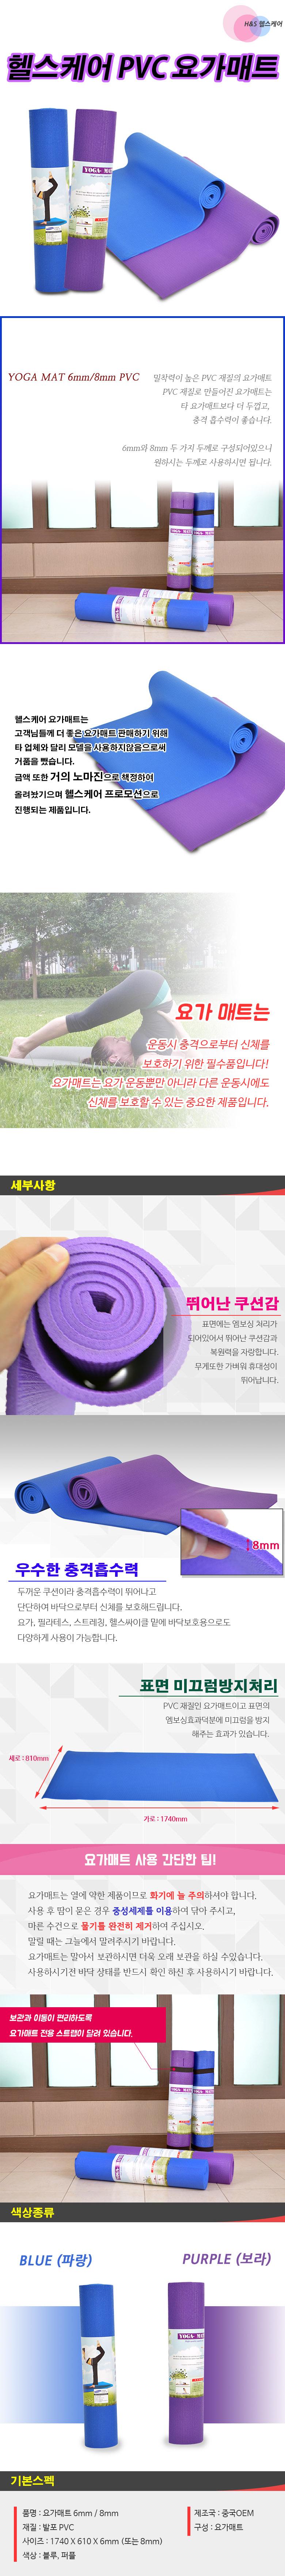 yoga_detail.jpg